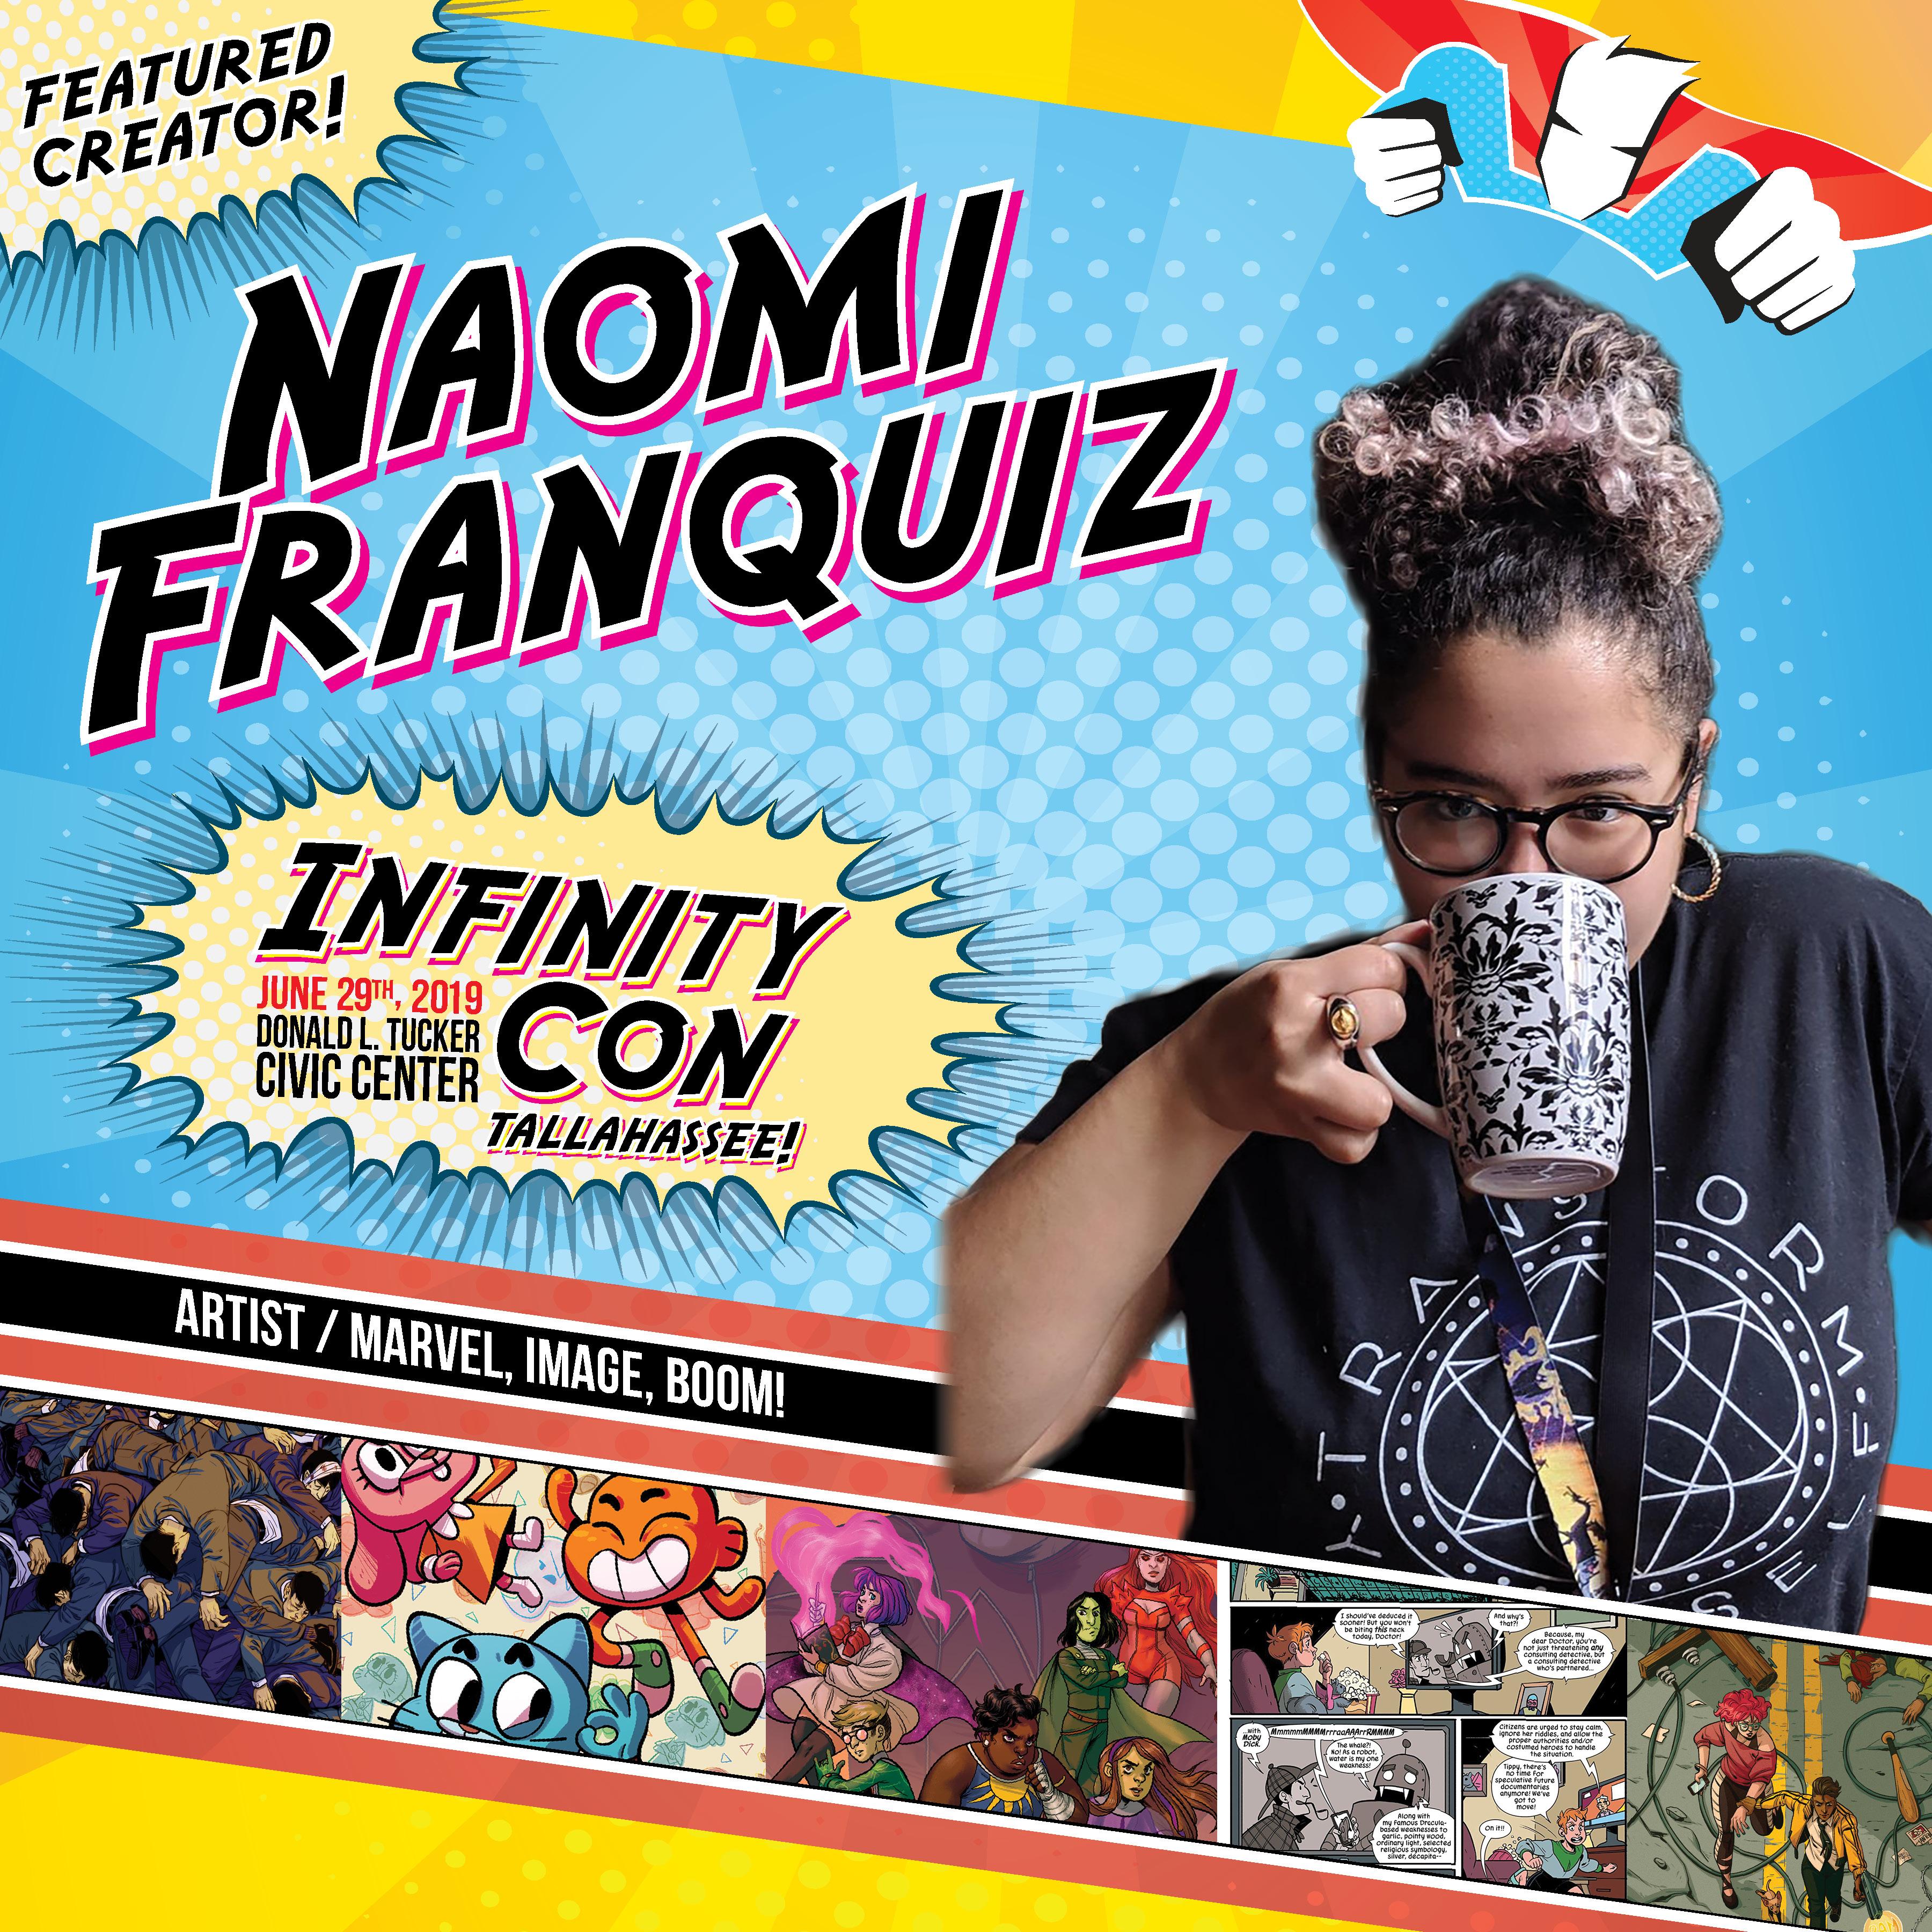 Naomi Franquiz